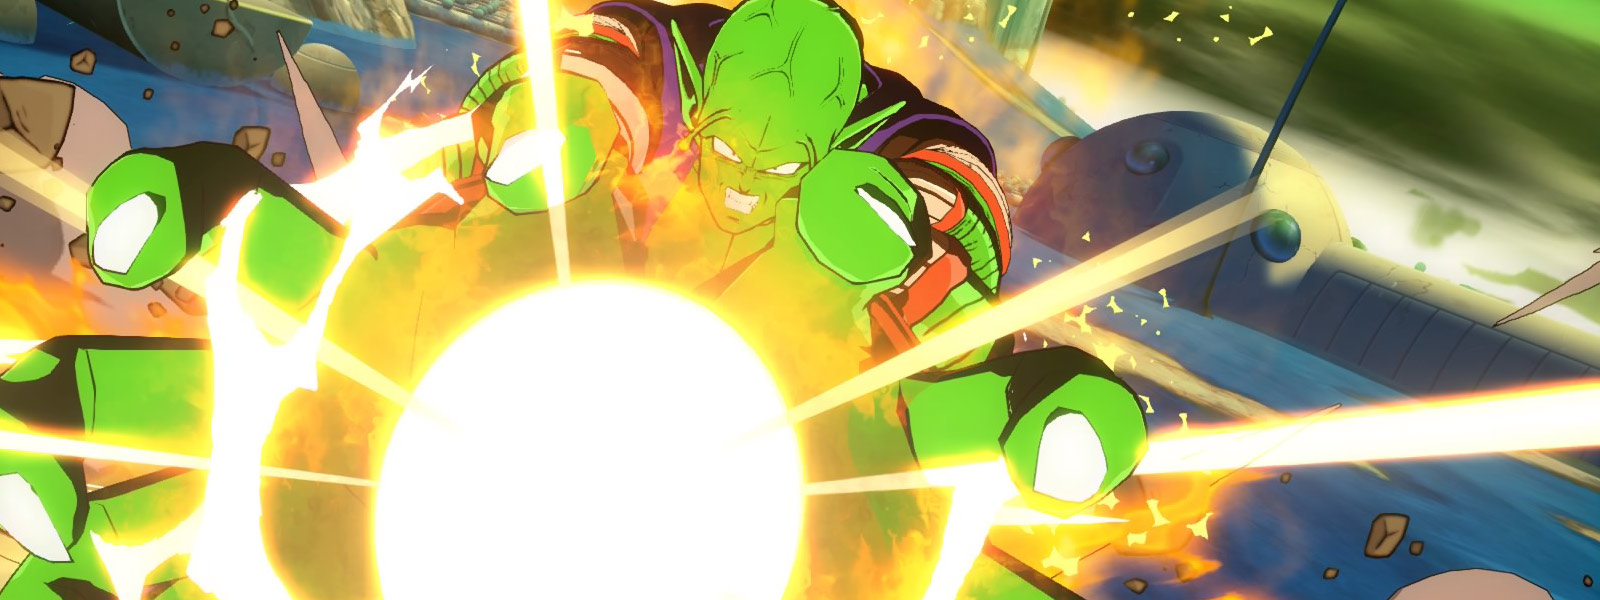 Piccolo que lanza una bola de fuego con ambas manos